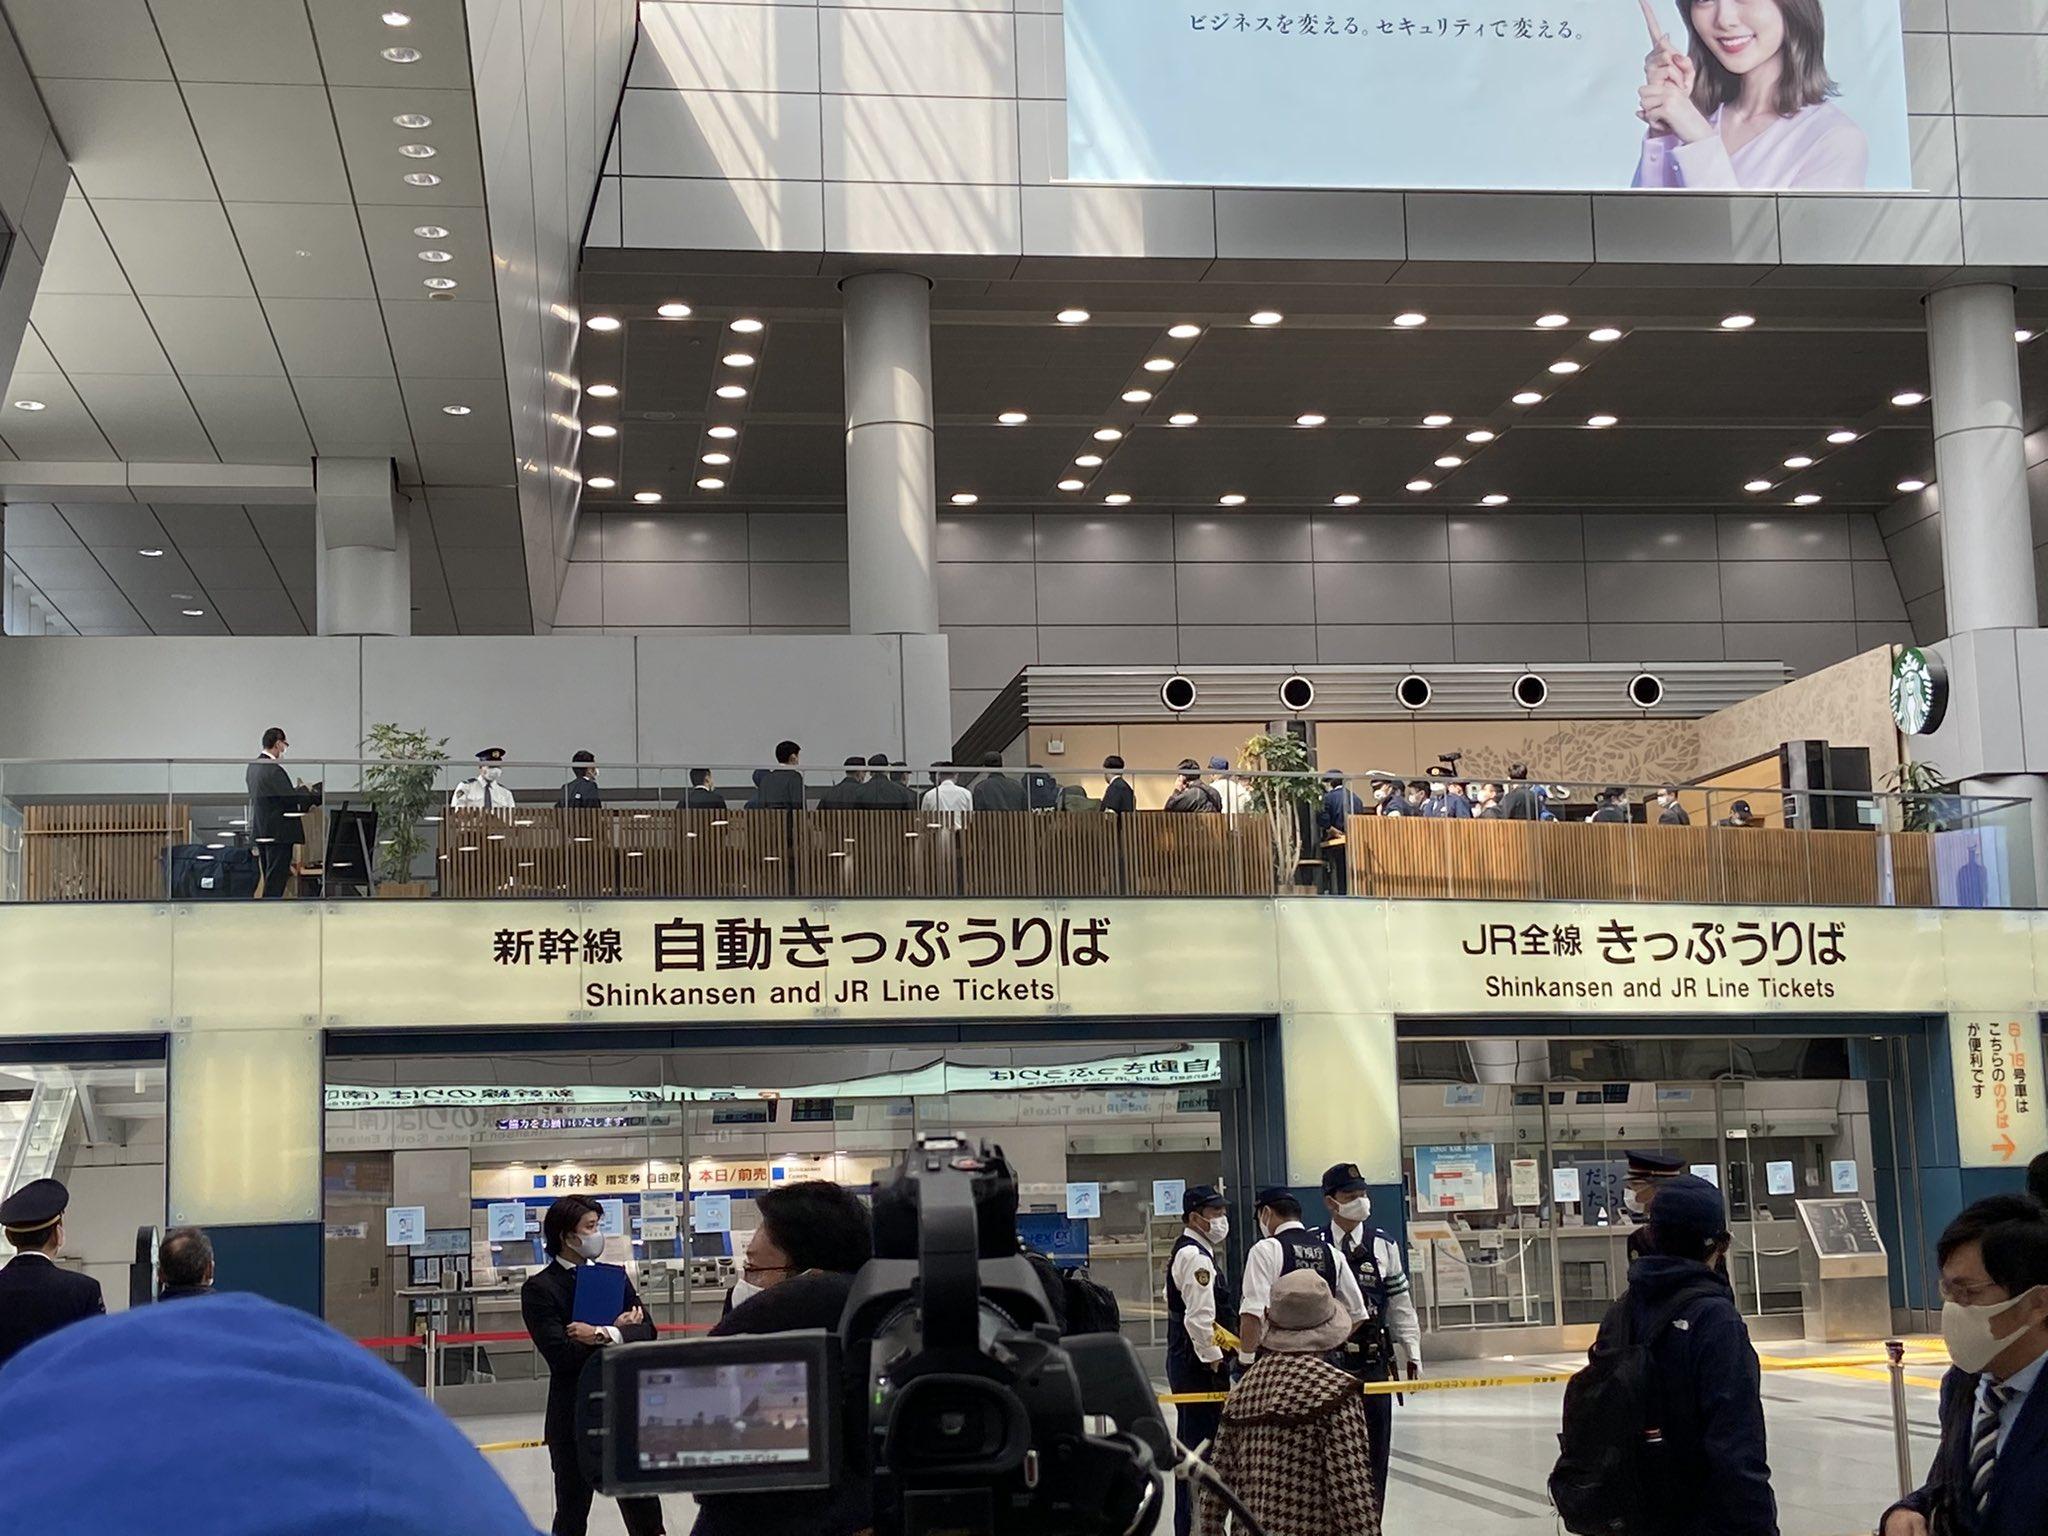 品川駅のスタバで不審物が見つかった現場の画像